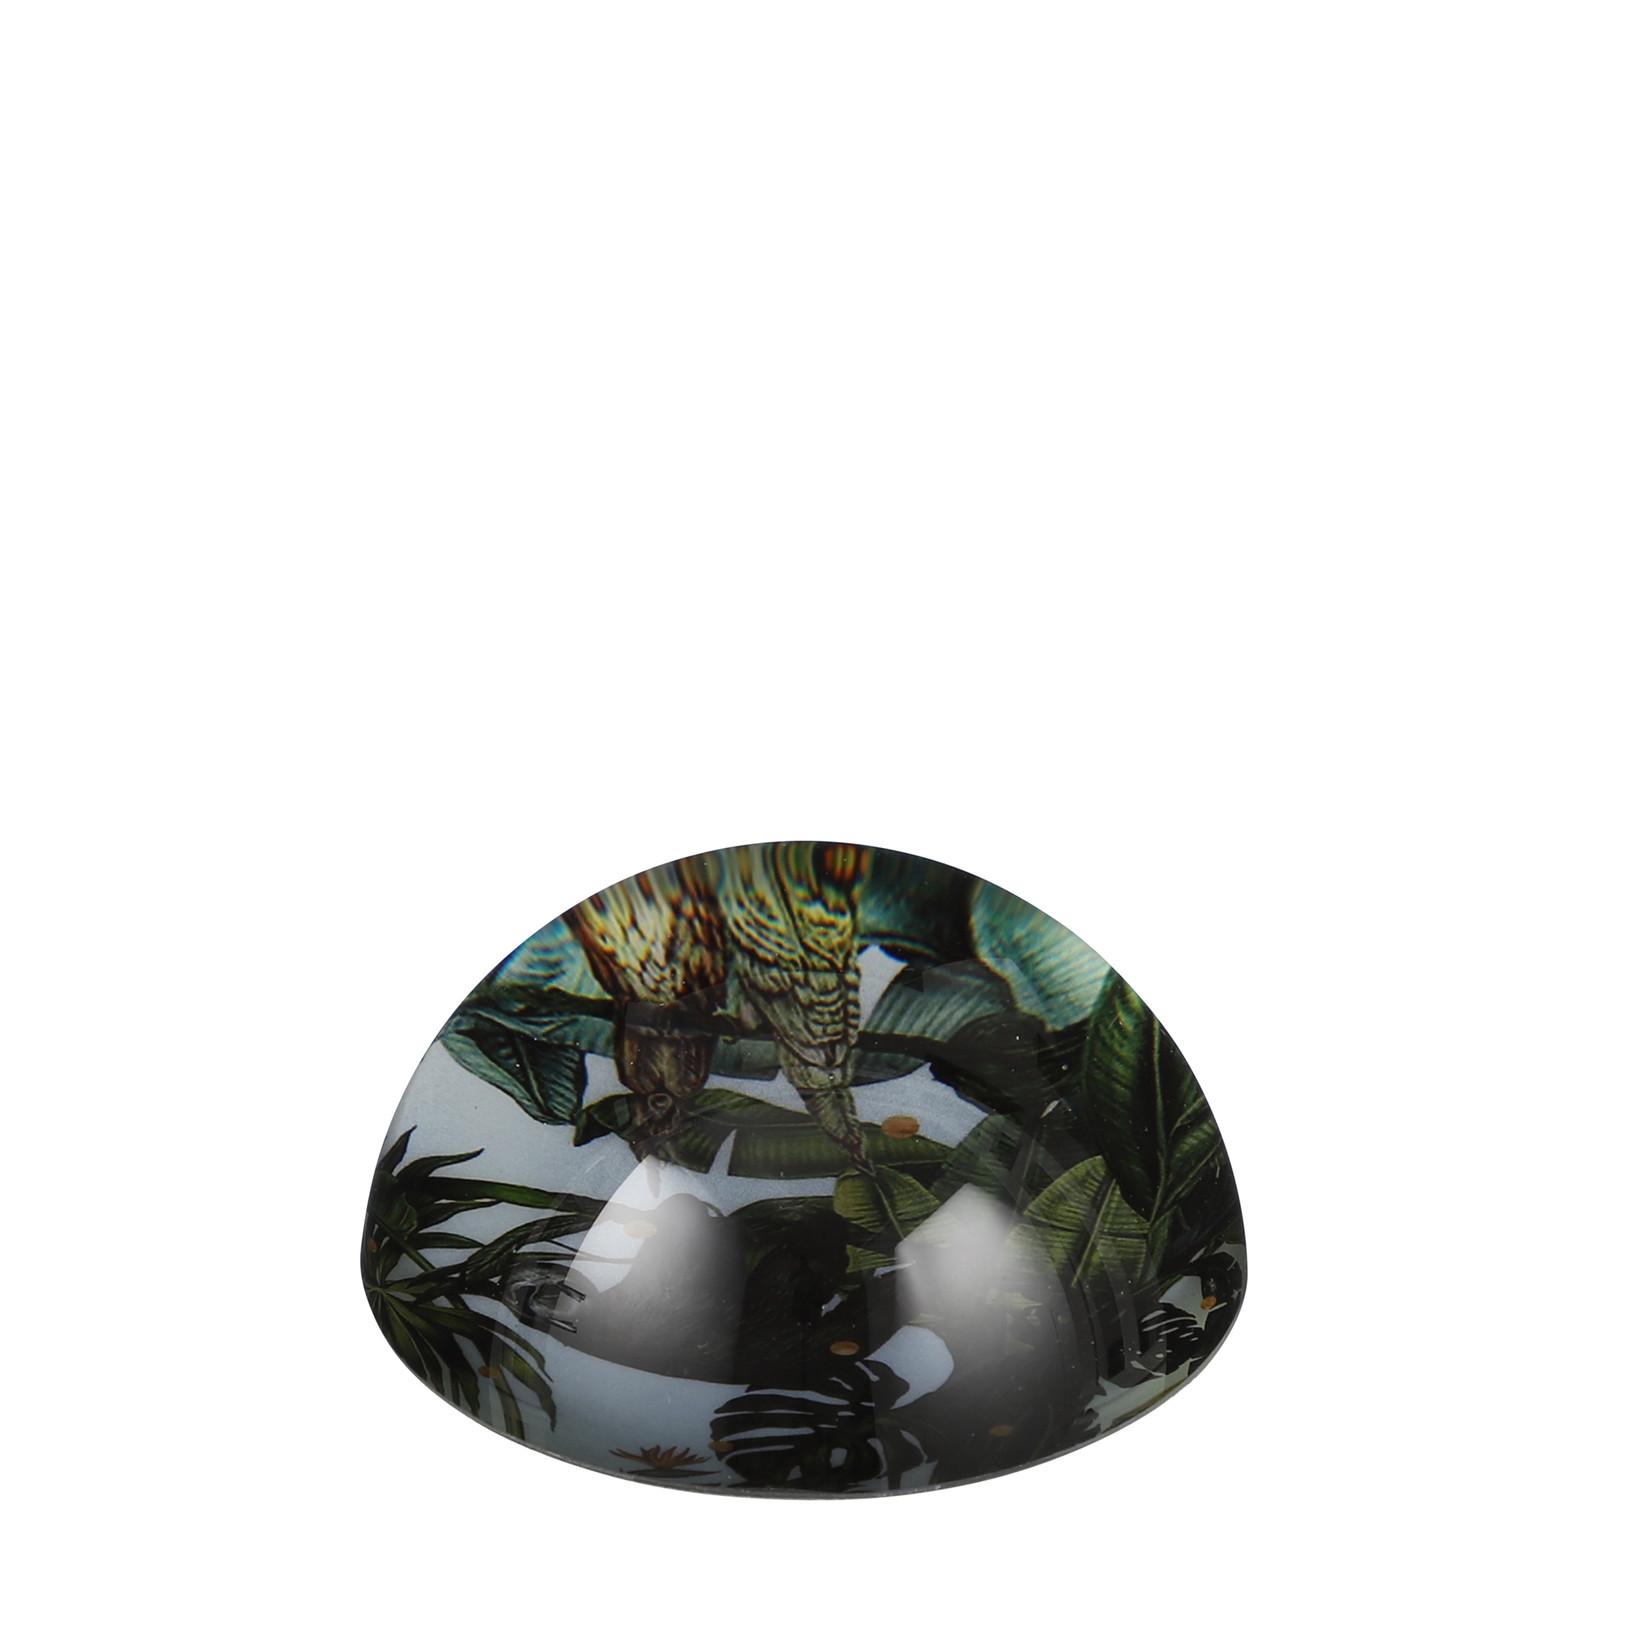 MiCa 1073493 Presse papiers luiaard groen